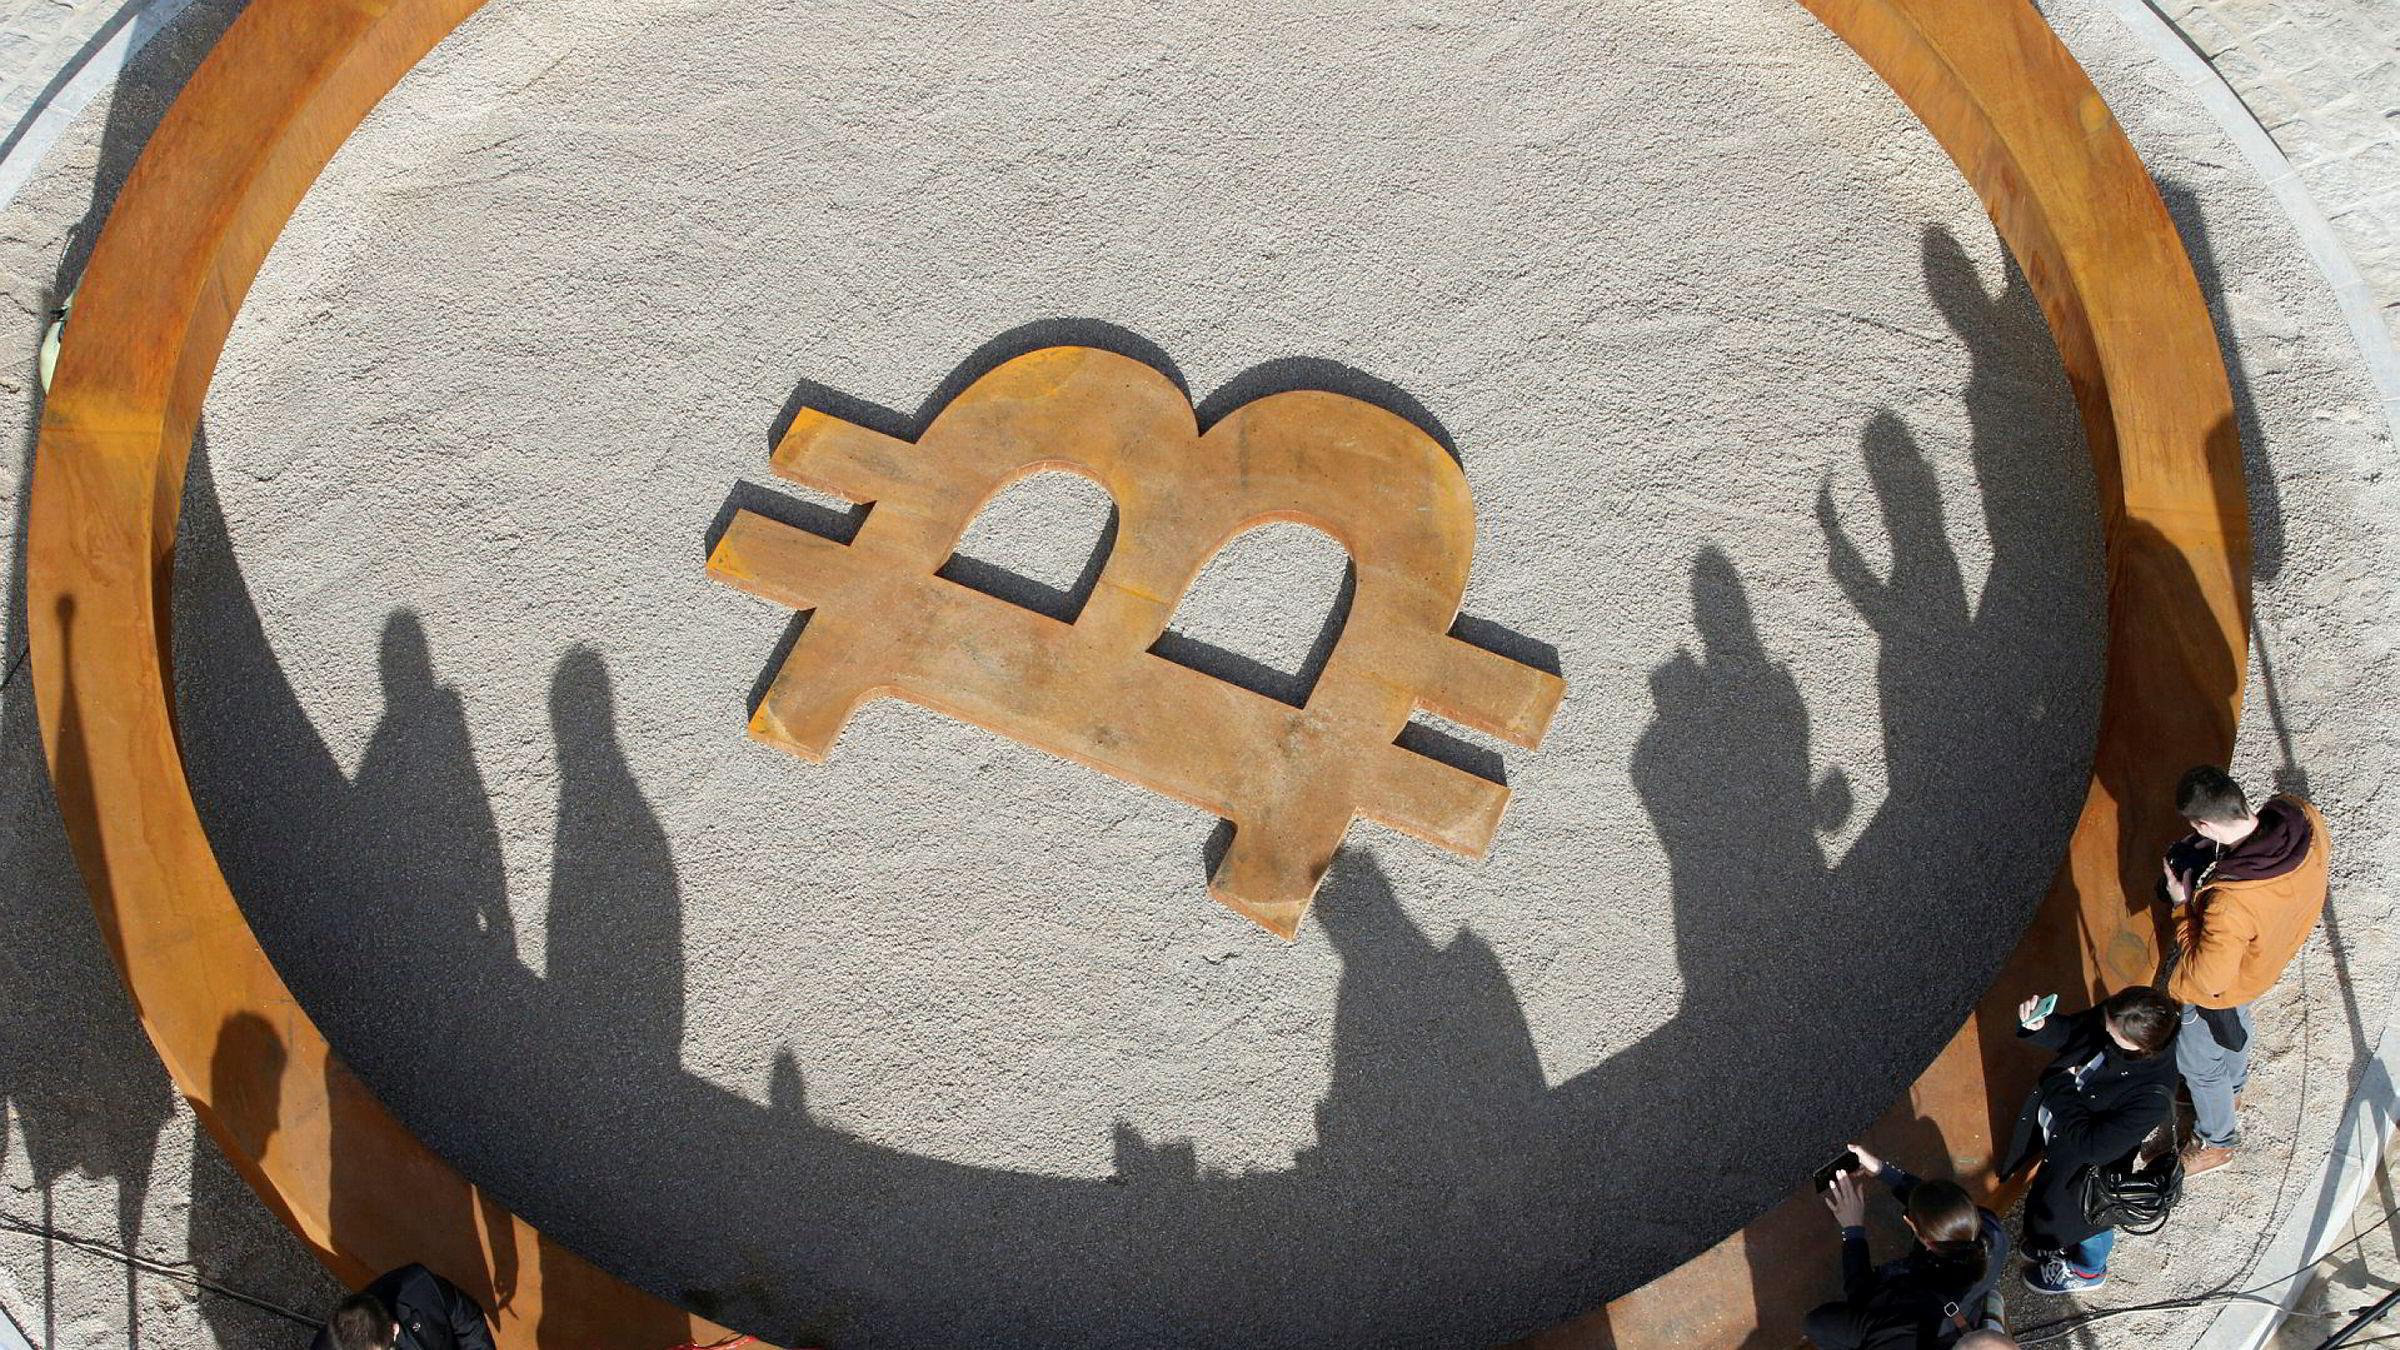 Personer samles for å se på åpning av verdens første offentlige bitcoinmonument i Kranj i Slovenia.